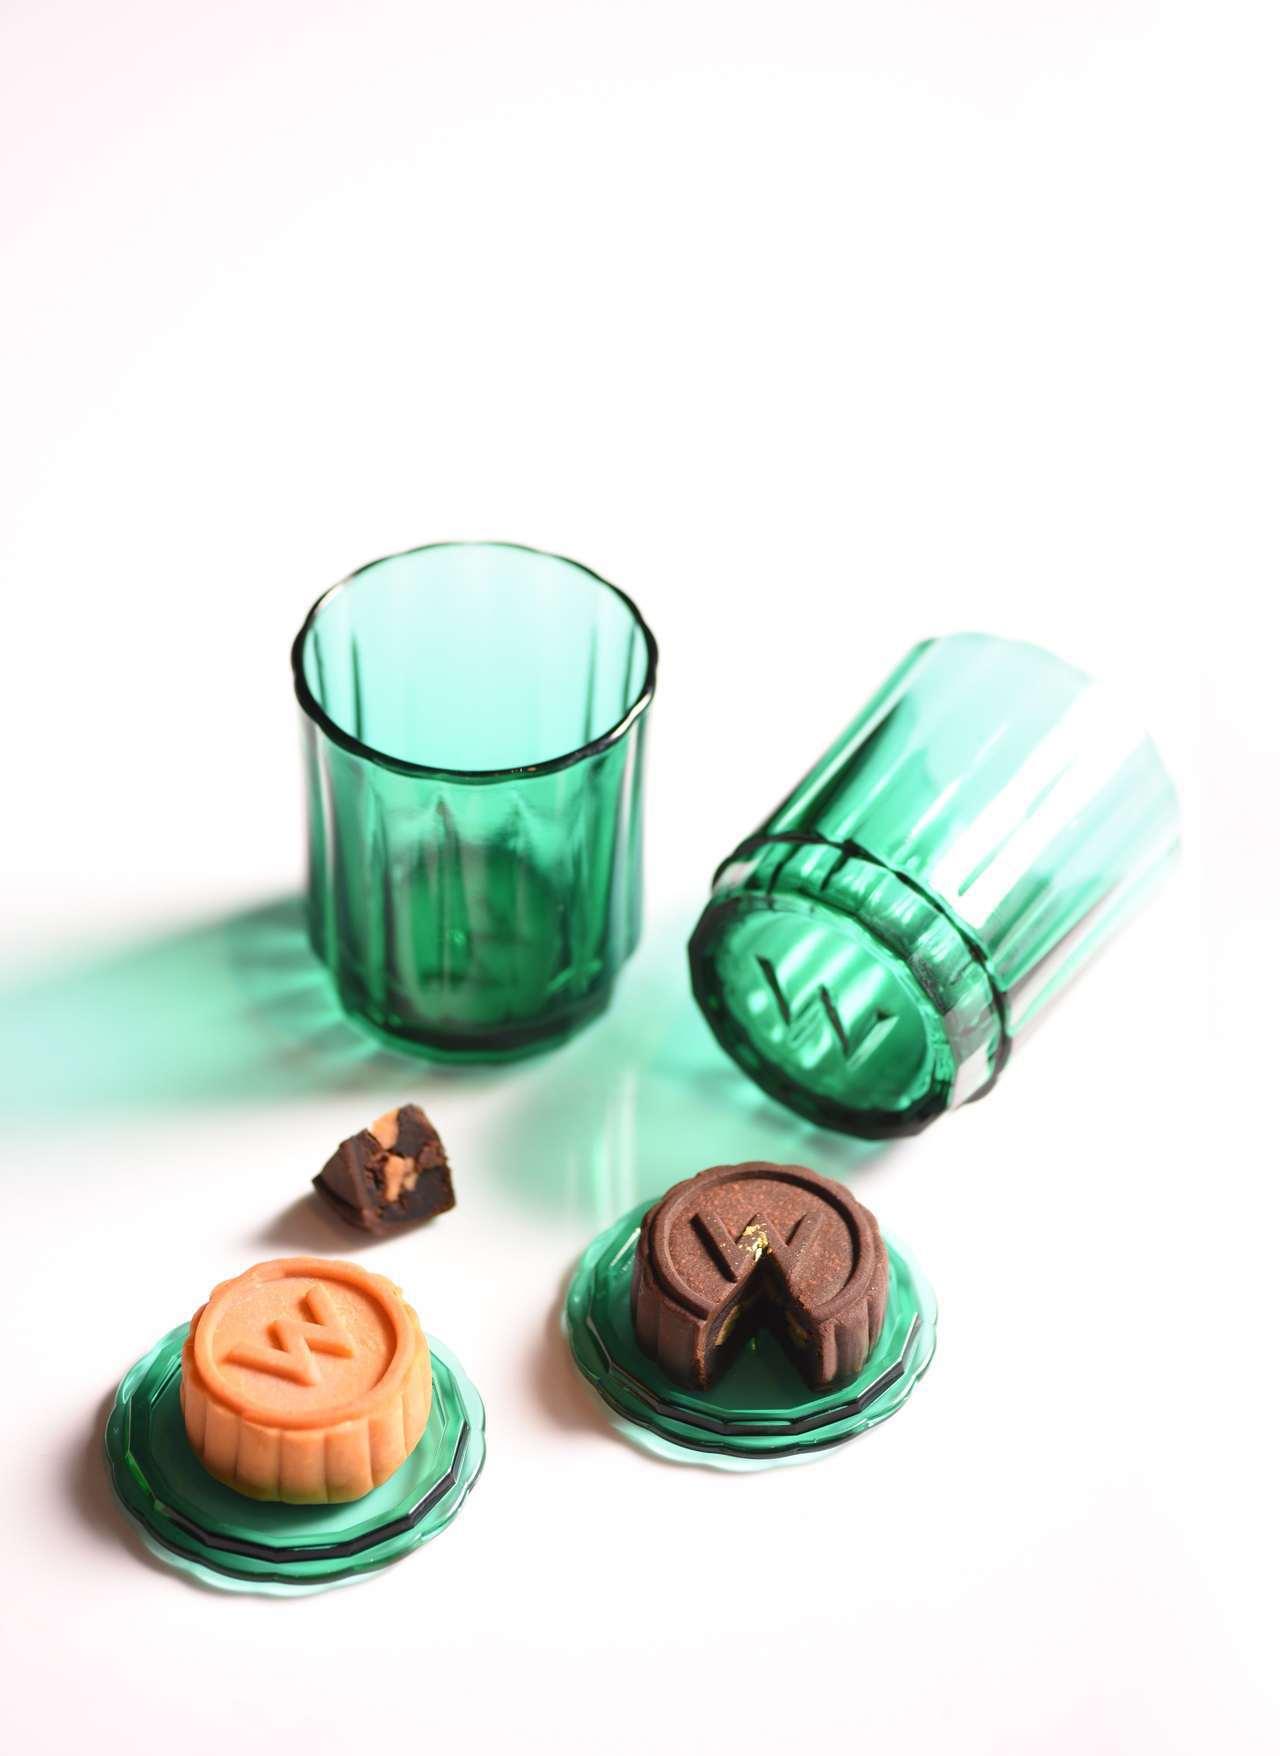 多功能WOOMOON玻璃杯,杯蓋可放月餅。圖/台北W飯店提供